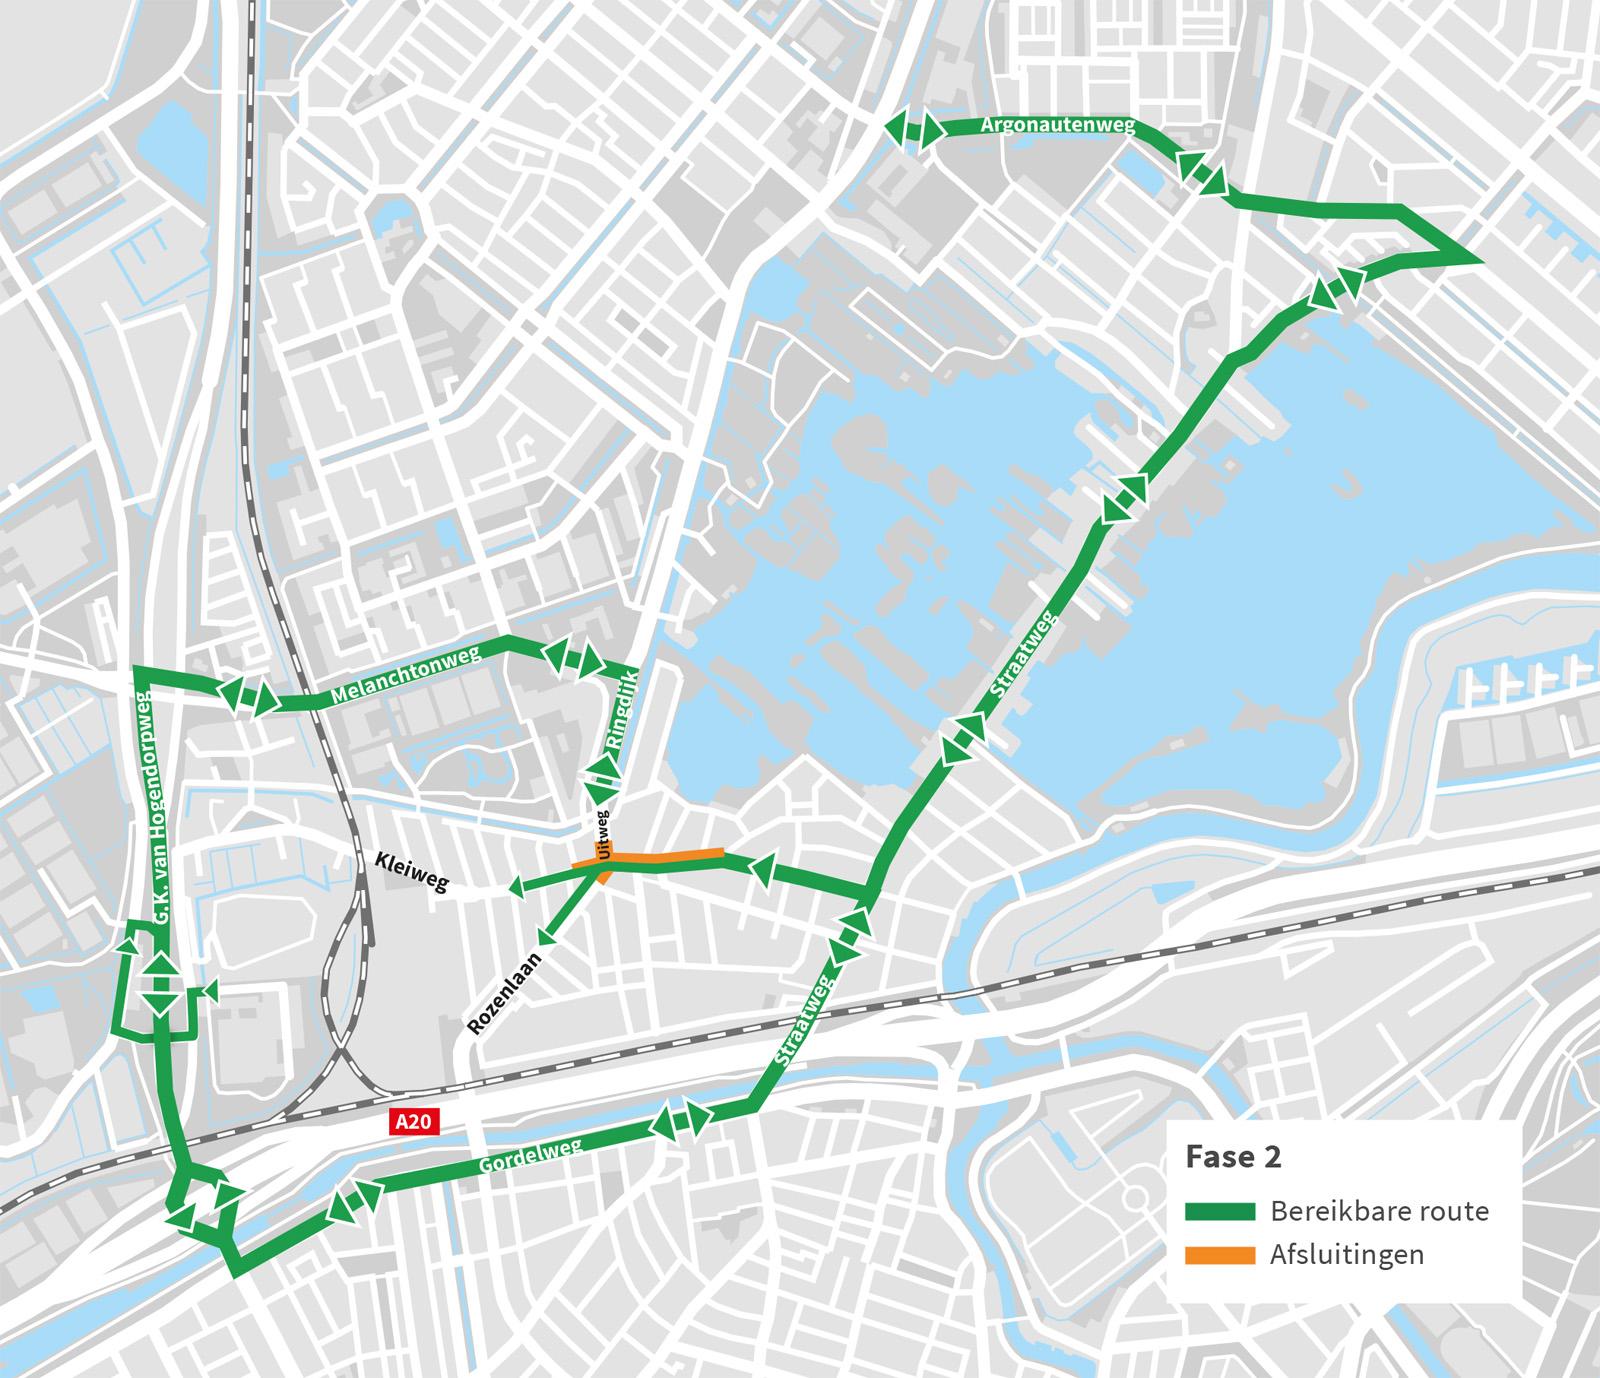 Rotterdamonderweg_afsluiting-rozenlaan-kleiweg_fase2.jpg